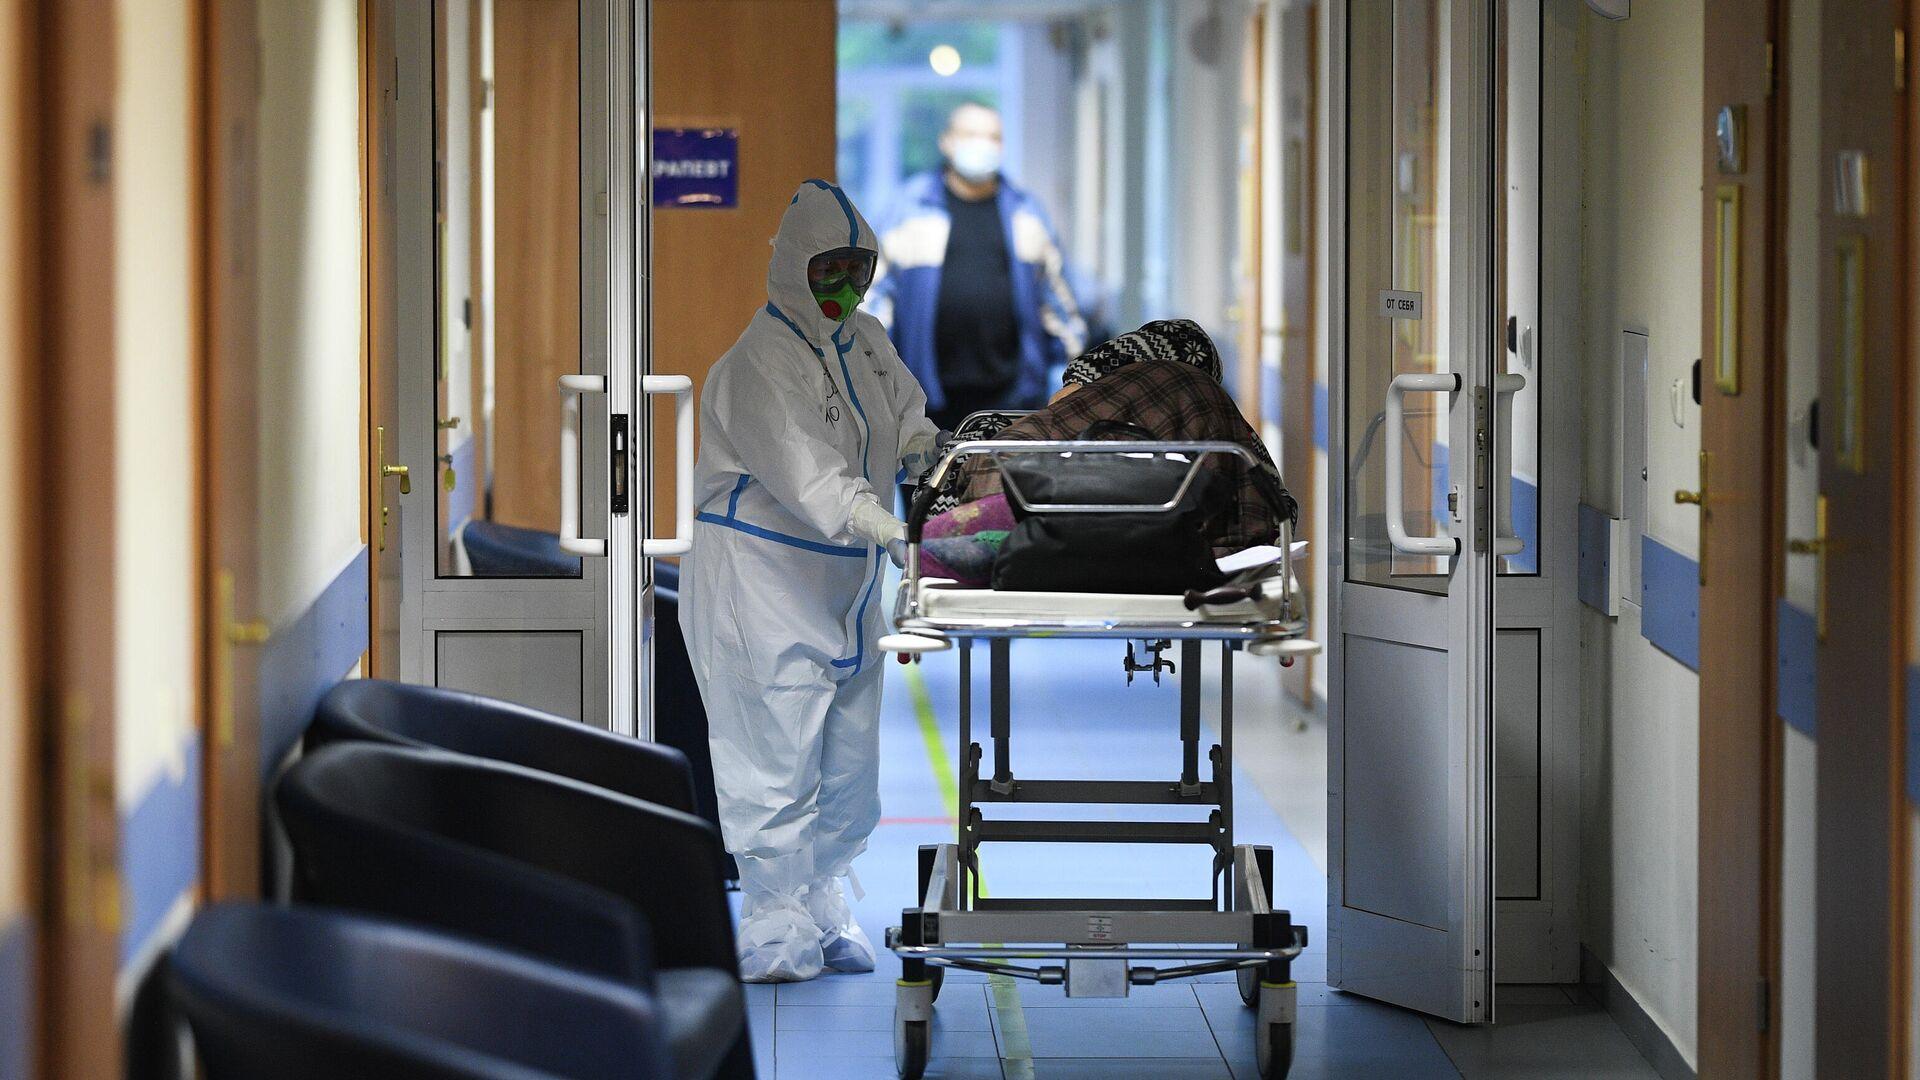 Врач и пациент в центральной клинической больнице РЖД-Медицина в Москве, где проходят лечение больные с COVID-19 - РИА Новости, 1920, 24.04.2021